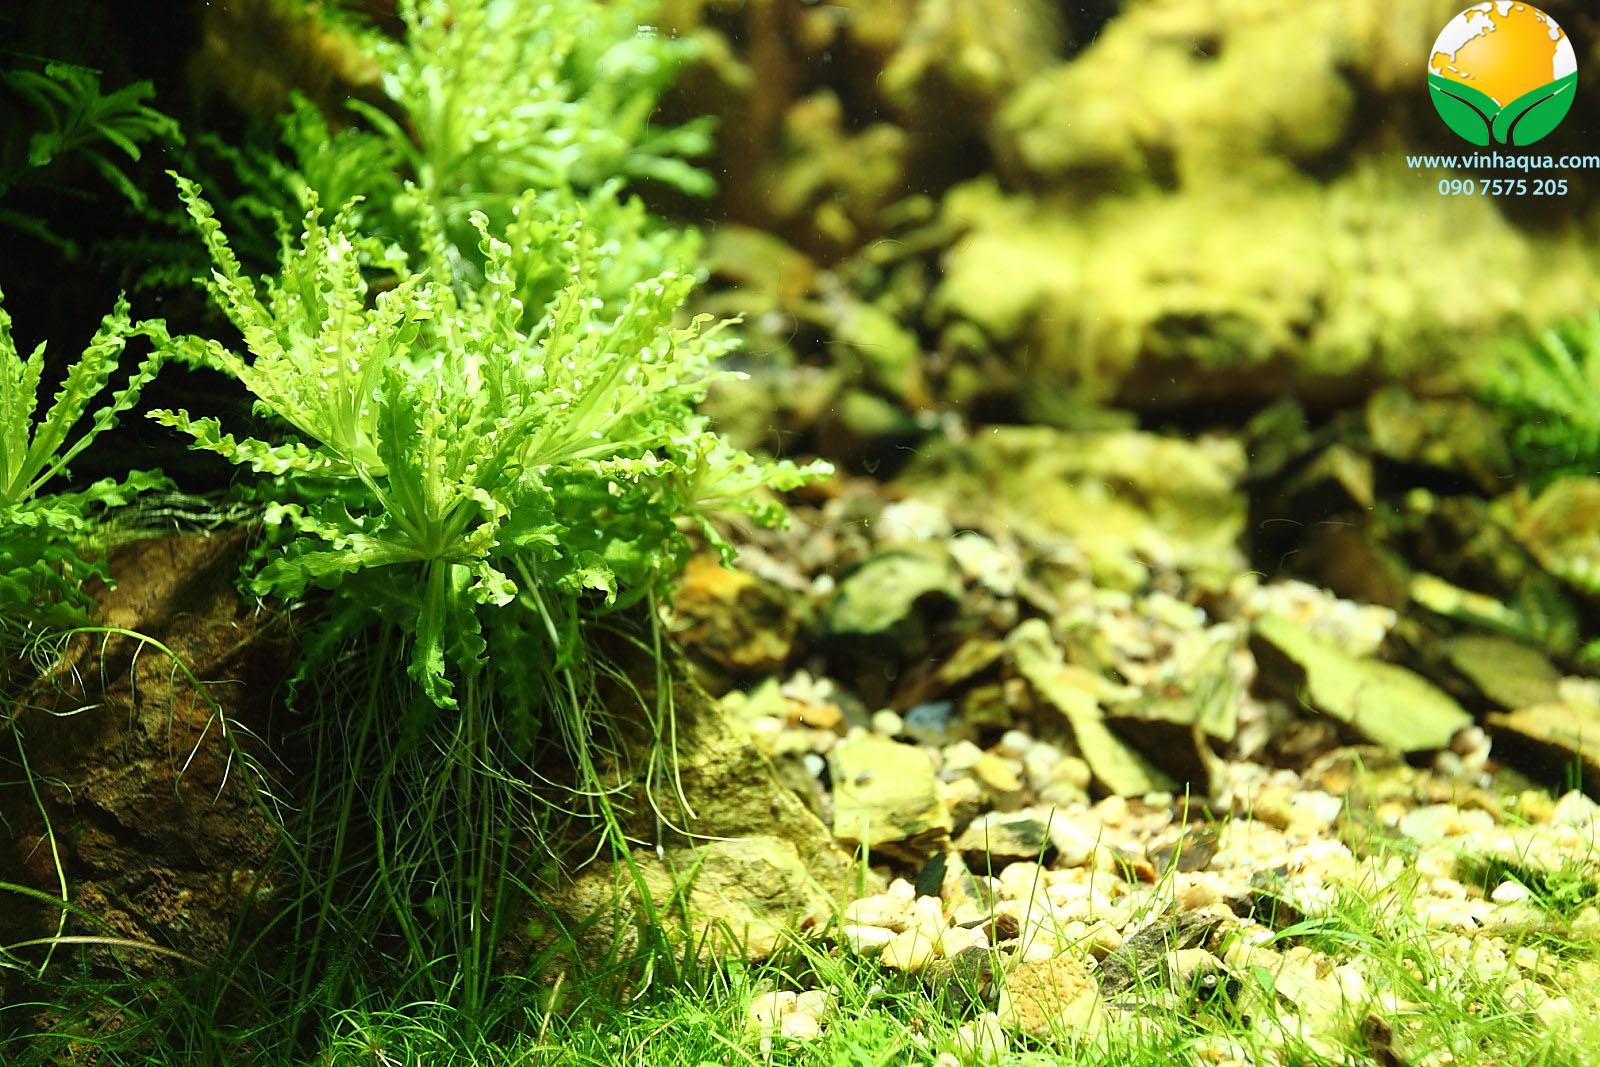 Vẻ đẹp của cây sao nhỏ trong hồ thủy sinh